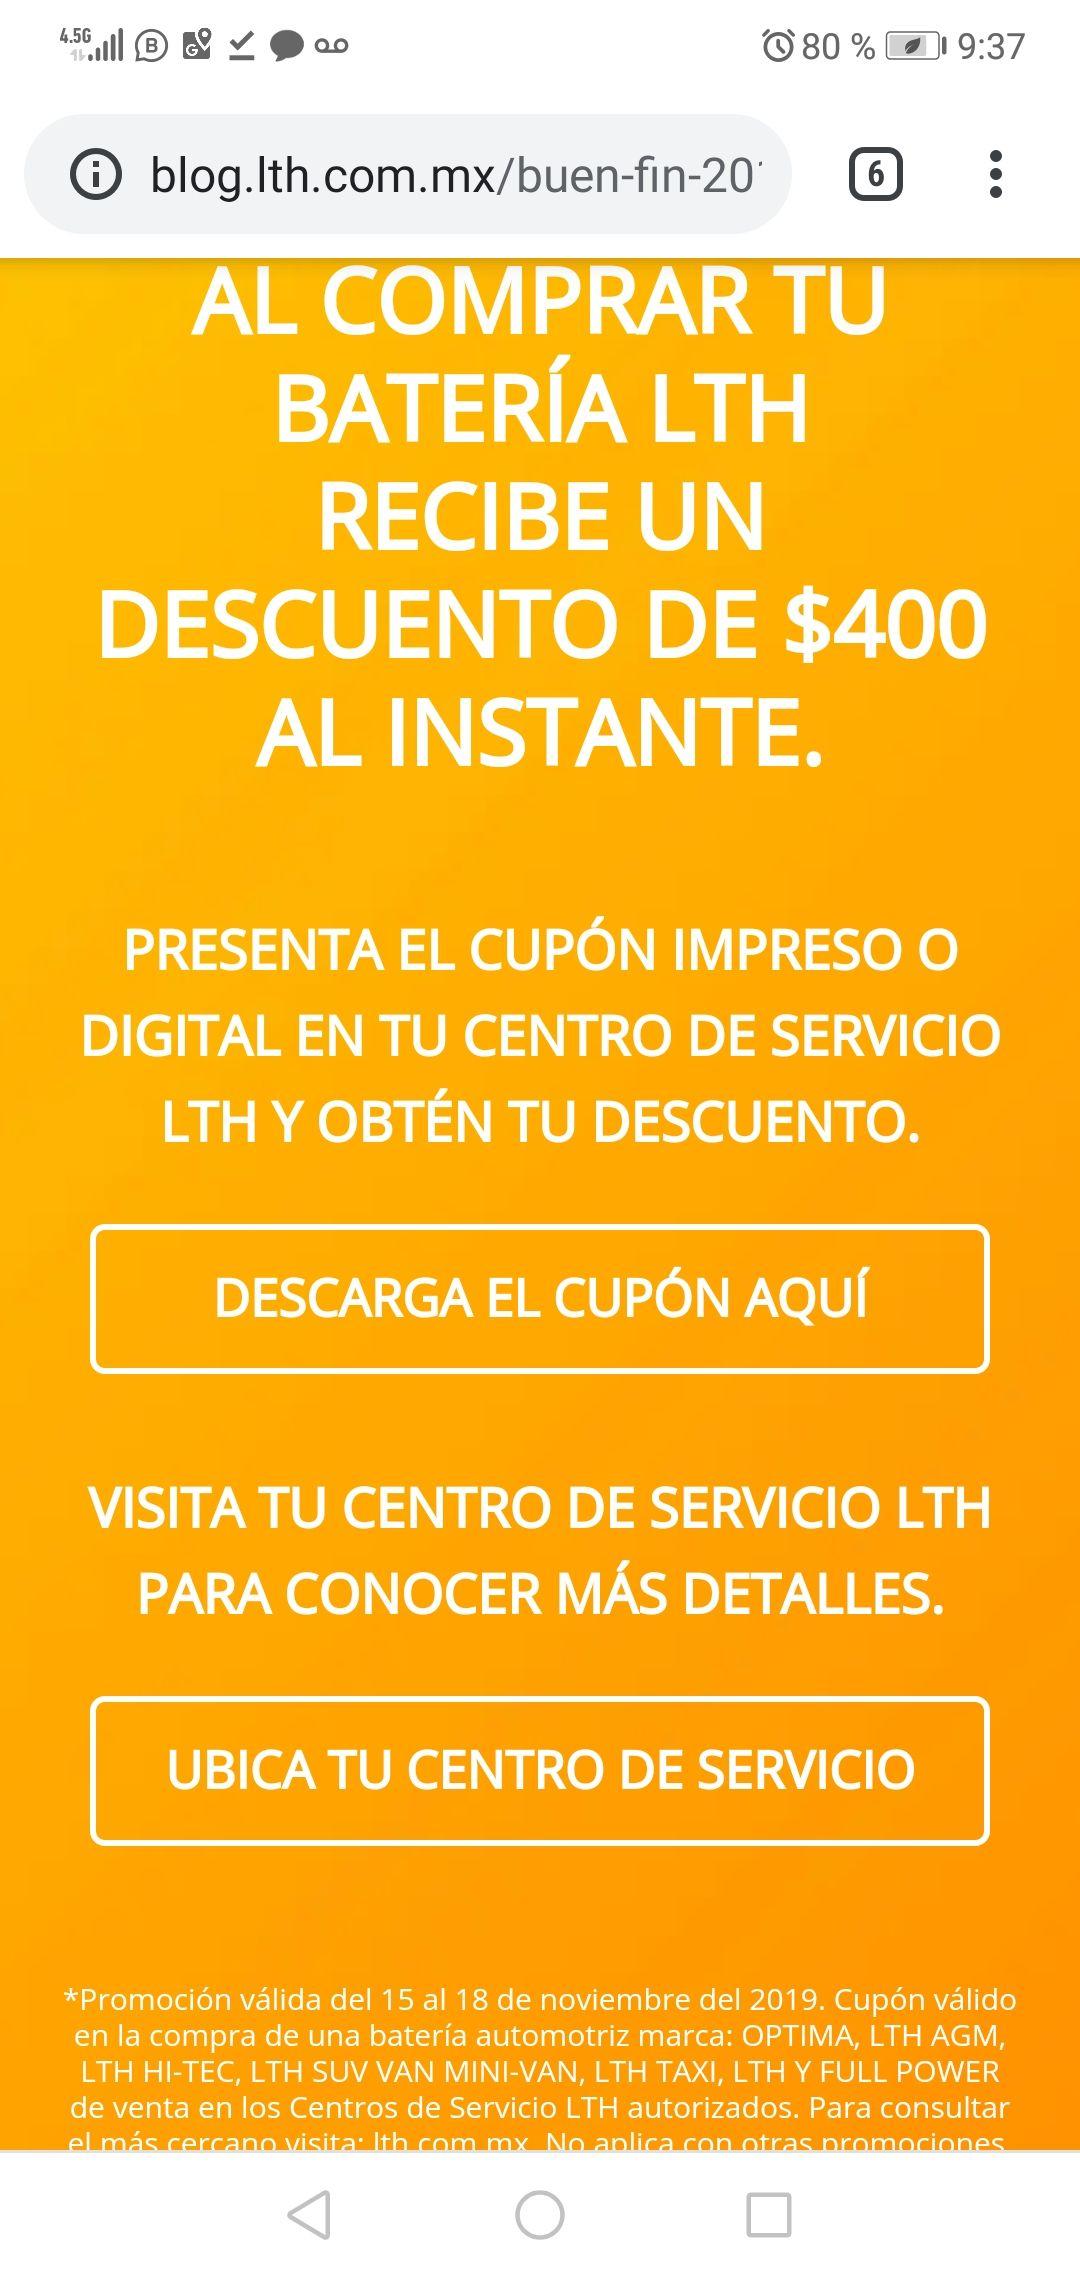 Ofertas Buen Fin LTH: Cupón de descuento de 400 pesos en la compra de una batería para auto